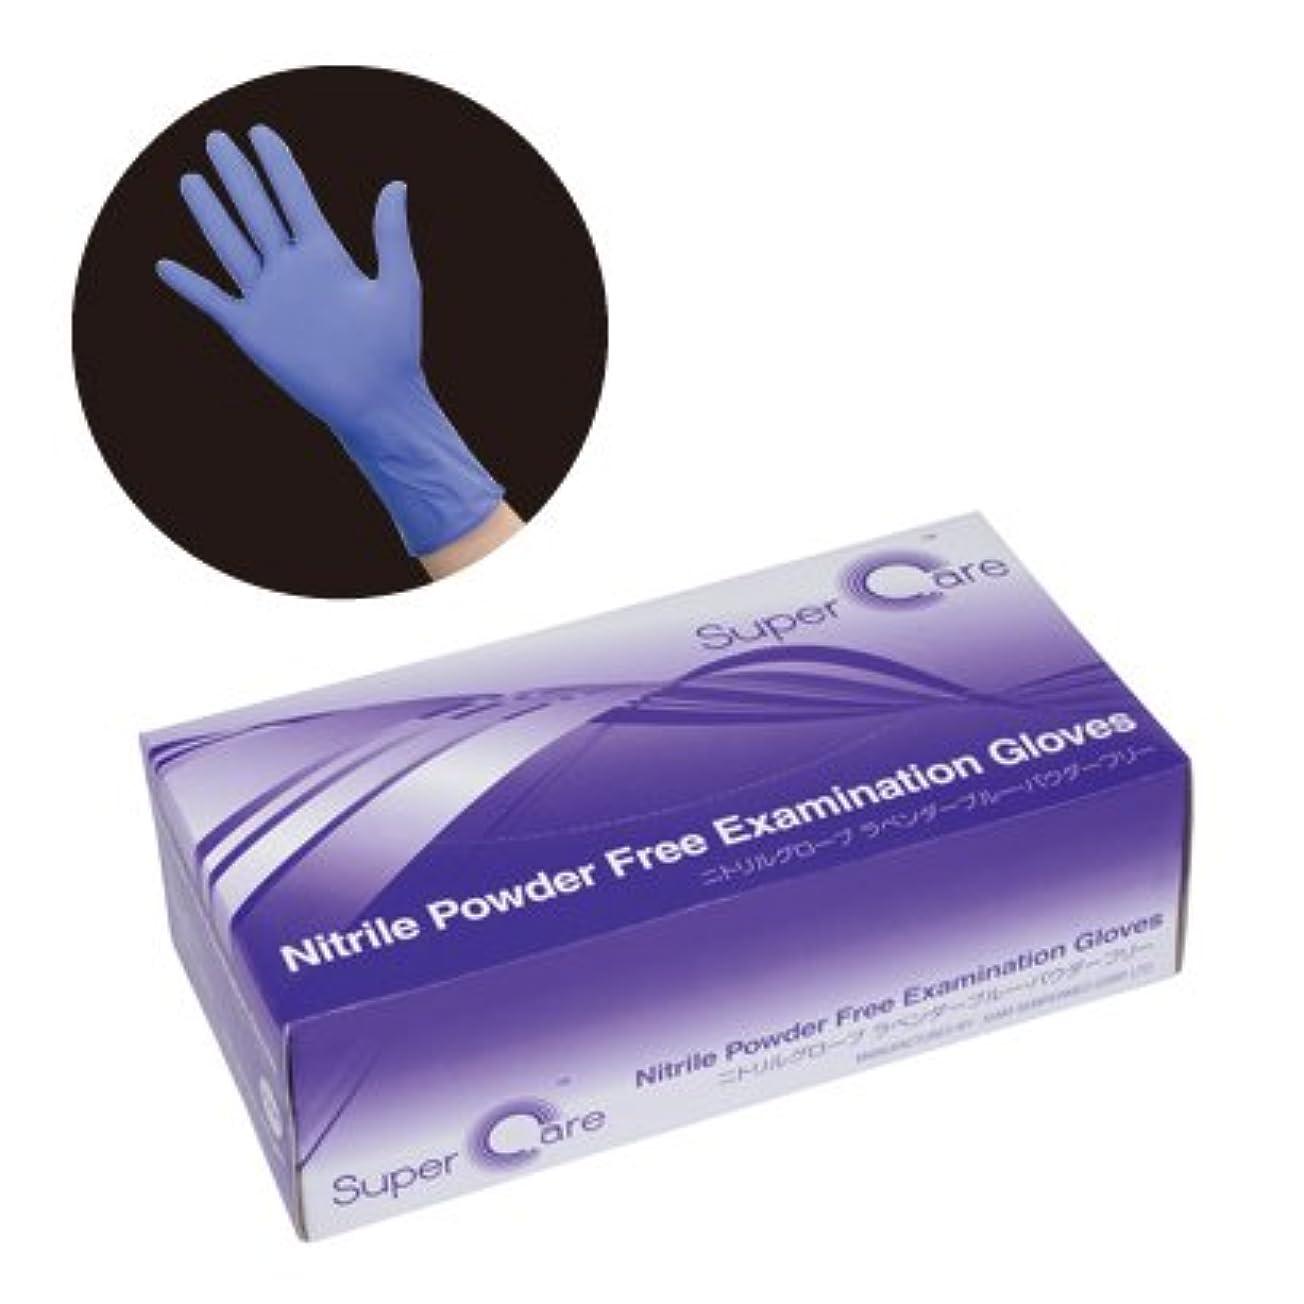 ハードリング定義する血まみれFEED(フィード) Super Care ニトリルグローブ ラベンダーブルー パウダーフリー L 200枚入 ニトリルグローブ